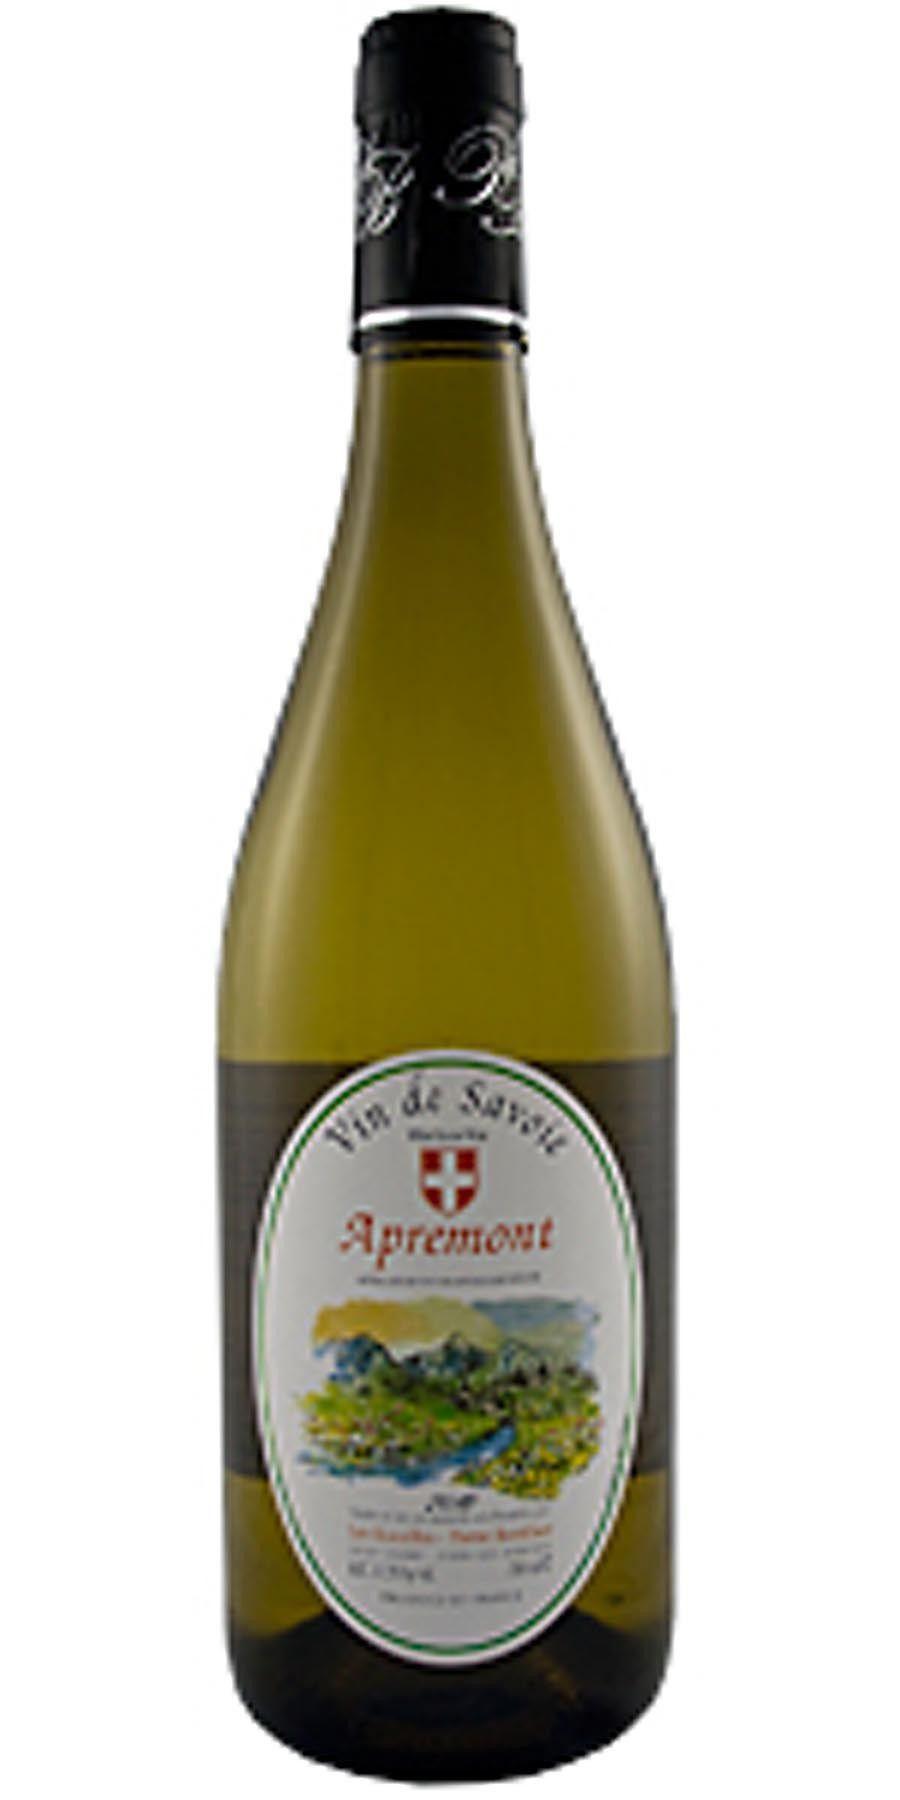 2014 Apremont Vin de Savoie Blanc_lowres